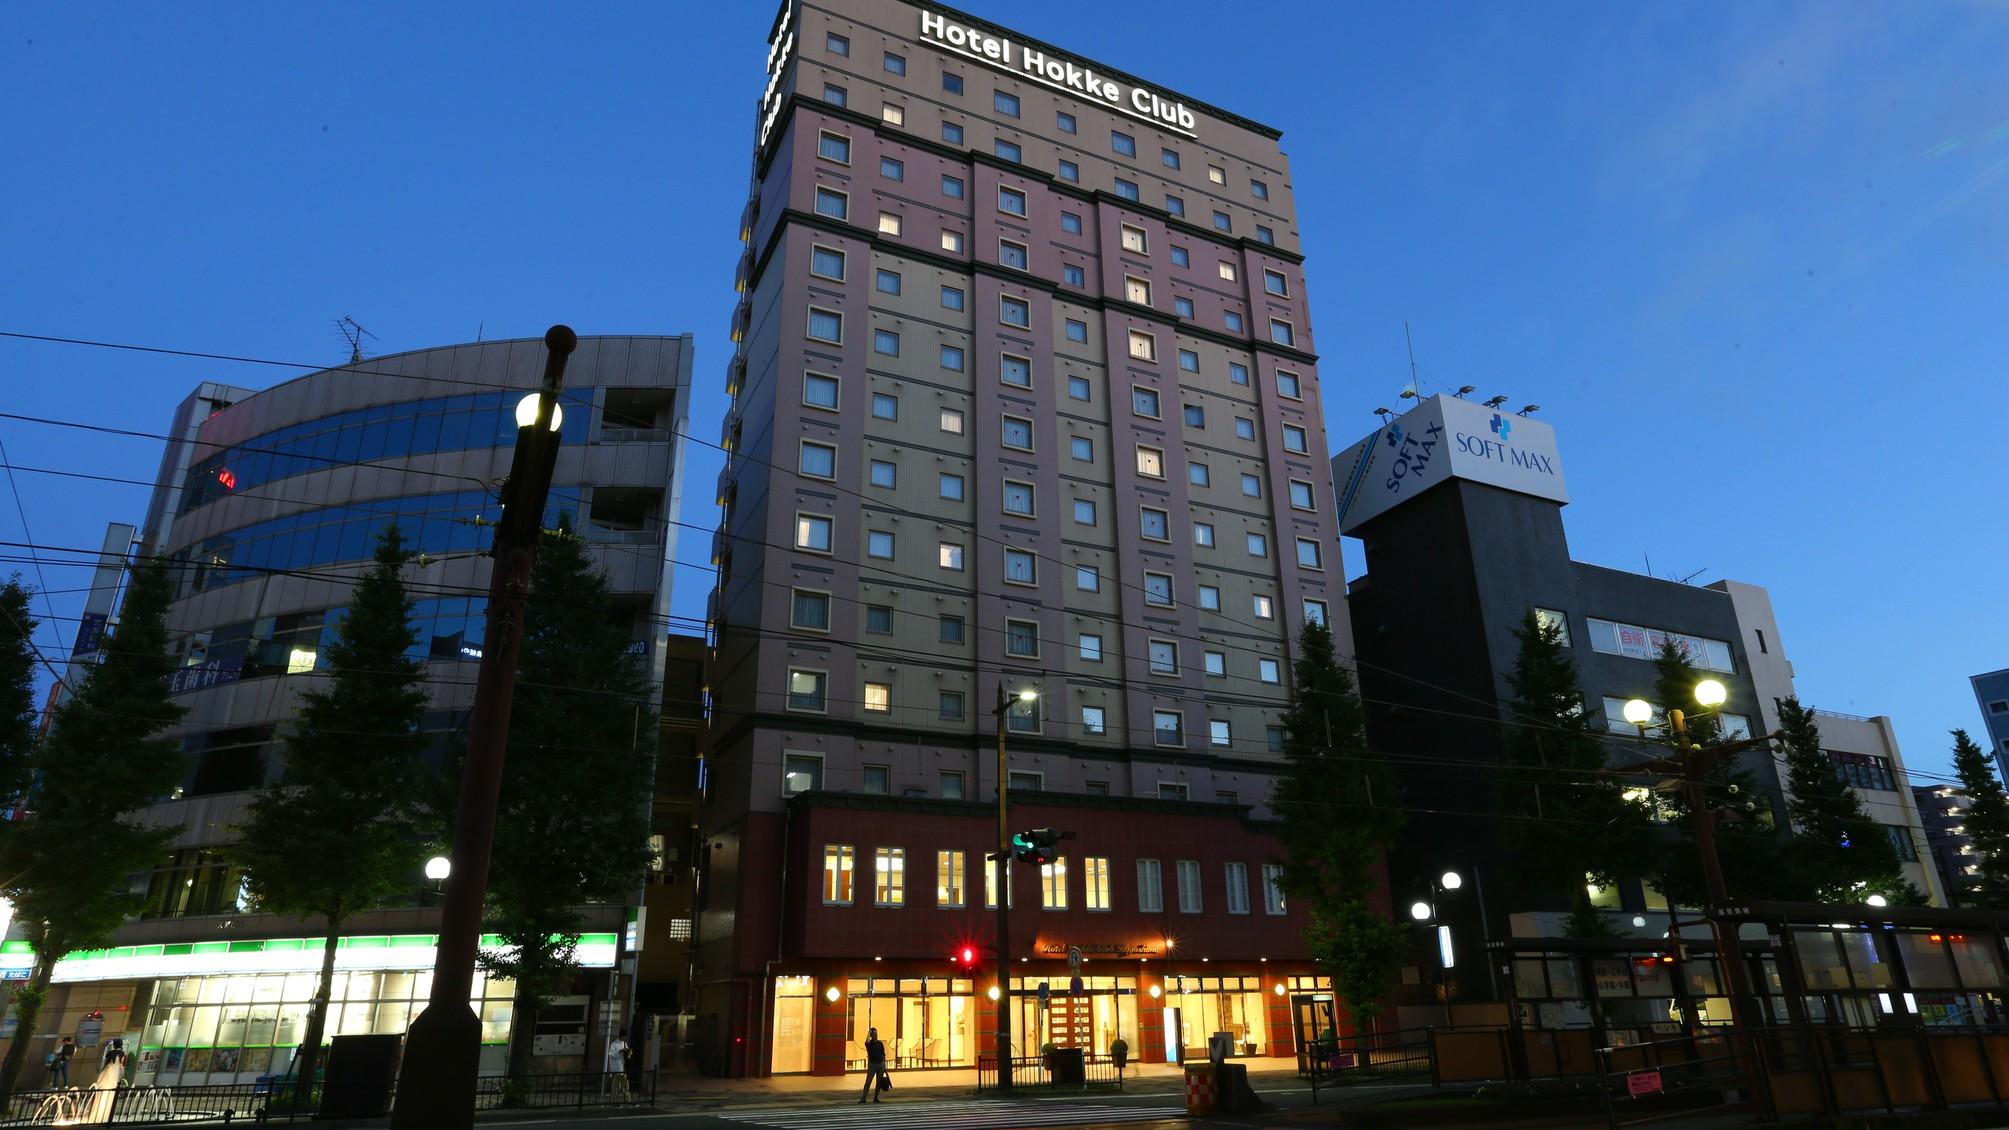 ホテル法華クラブ 鹿児島◆楽天トラベル